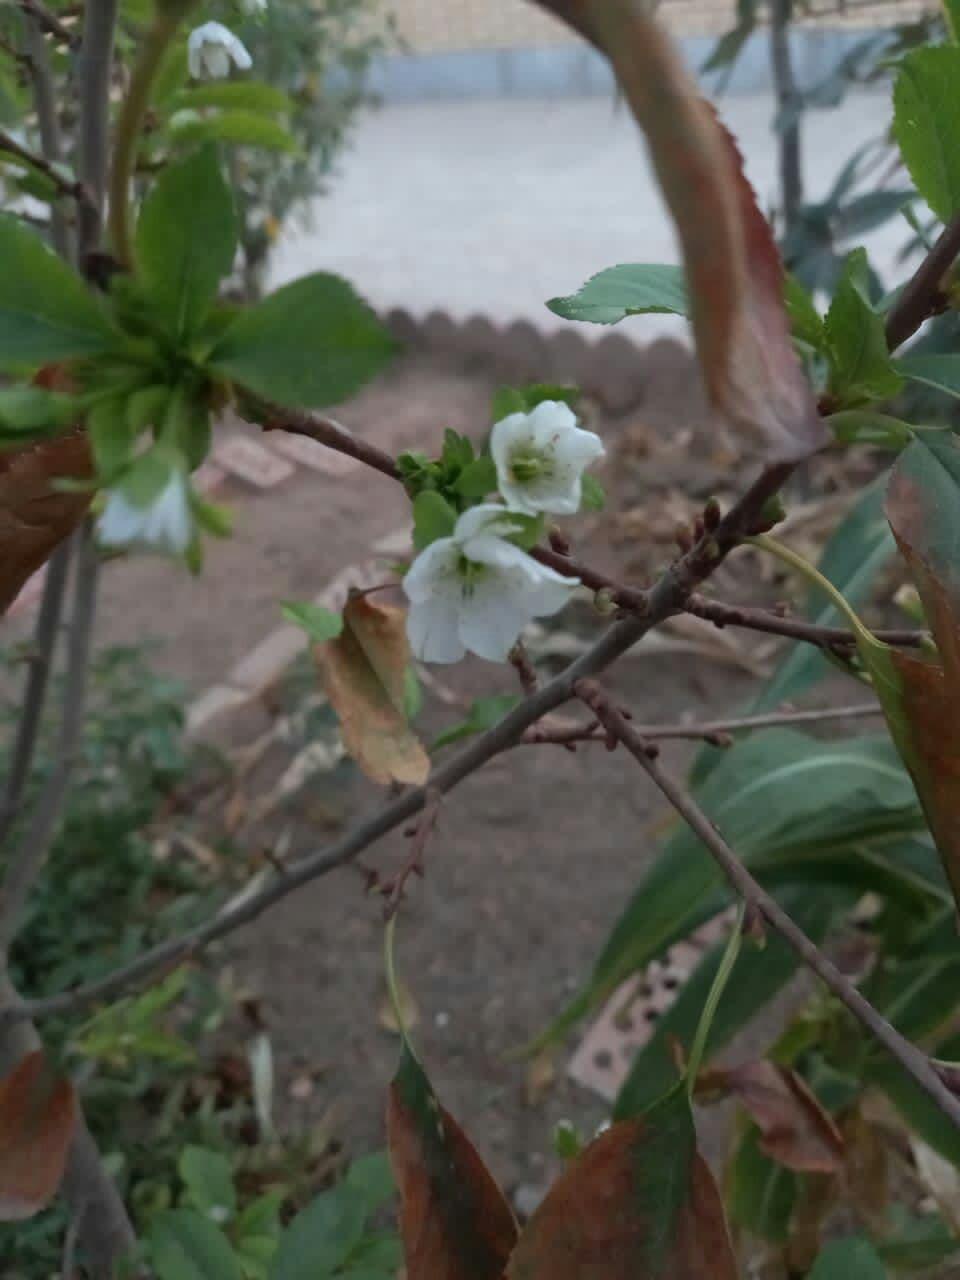 بازشدن شکوفه های گیلاس در اراک